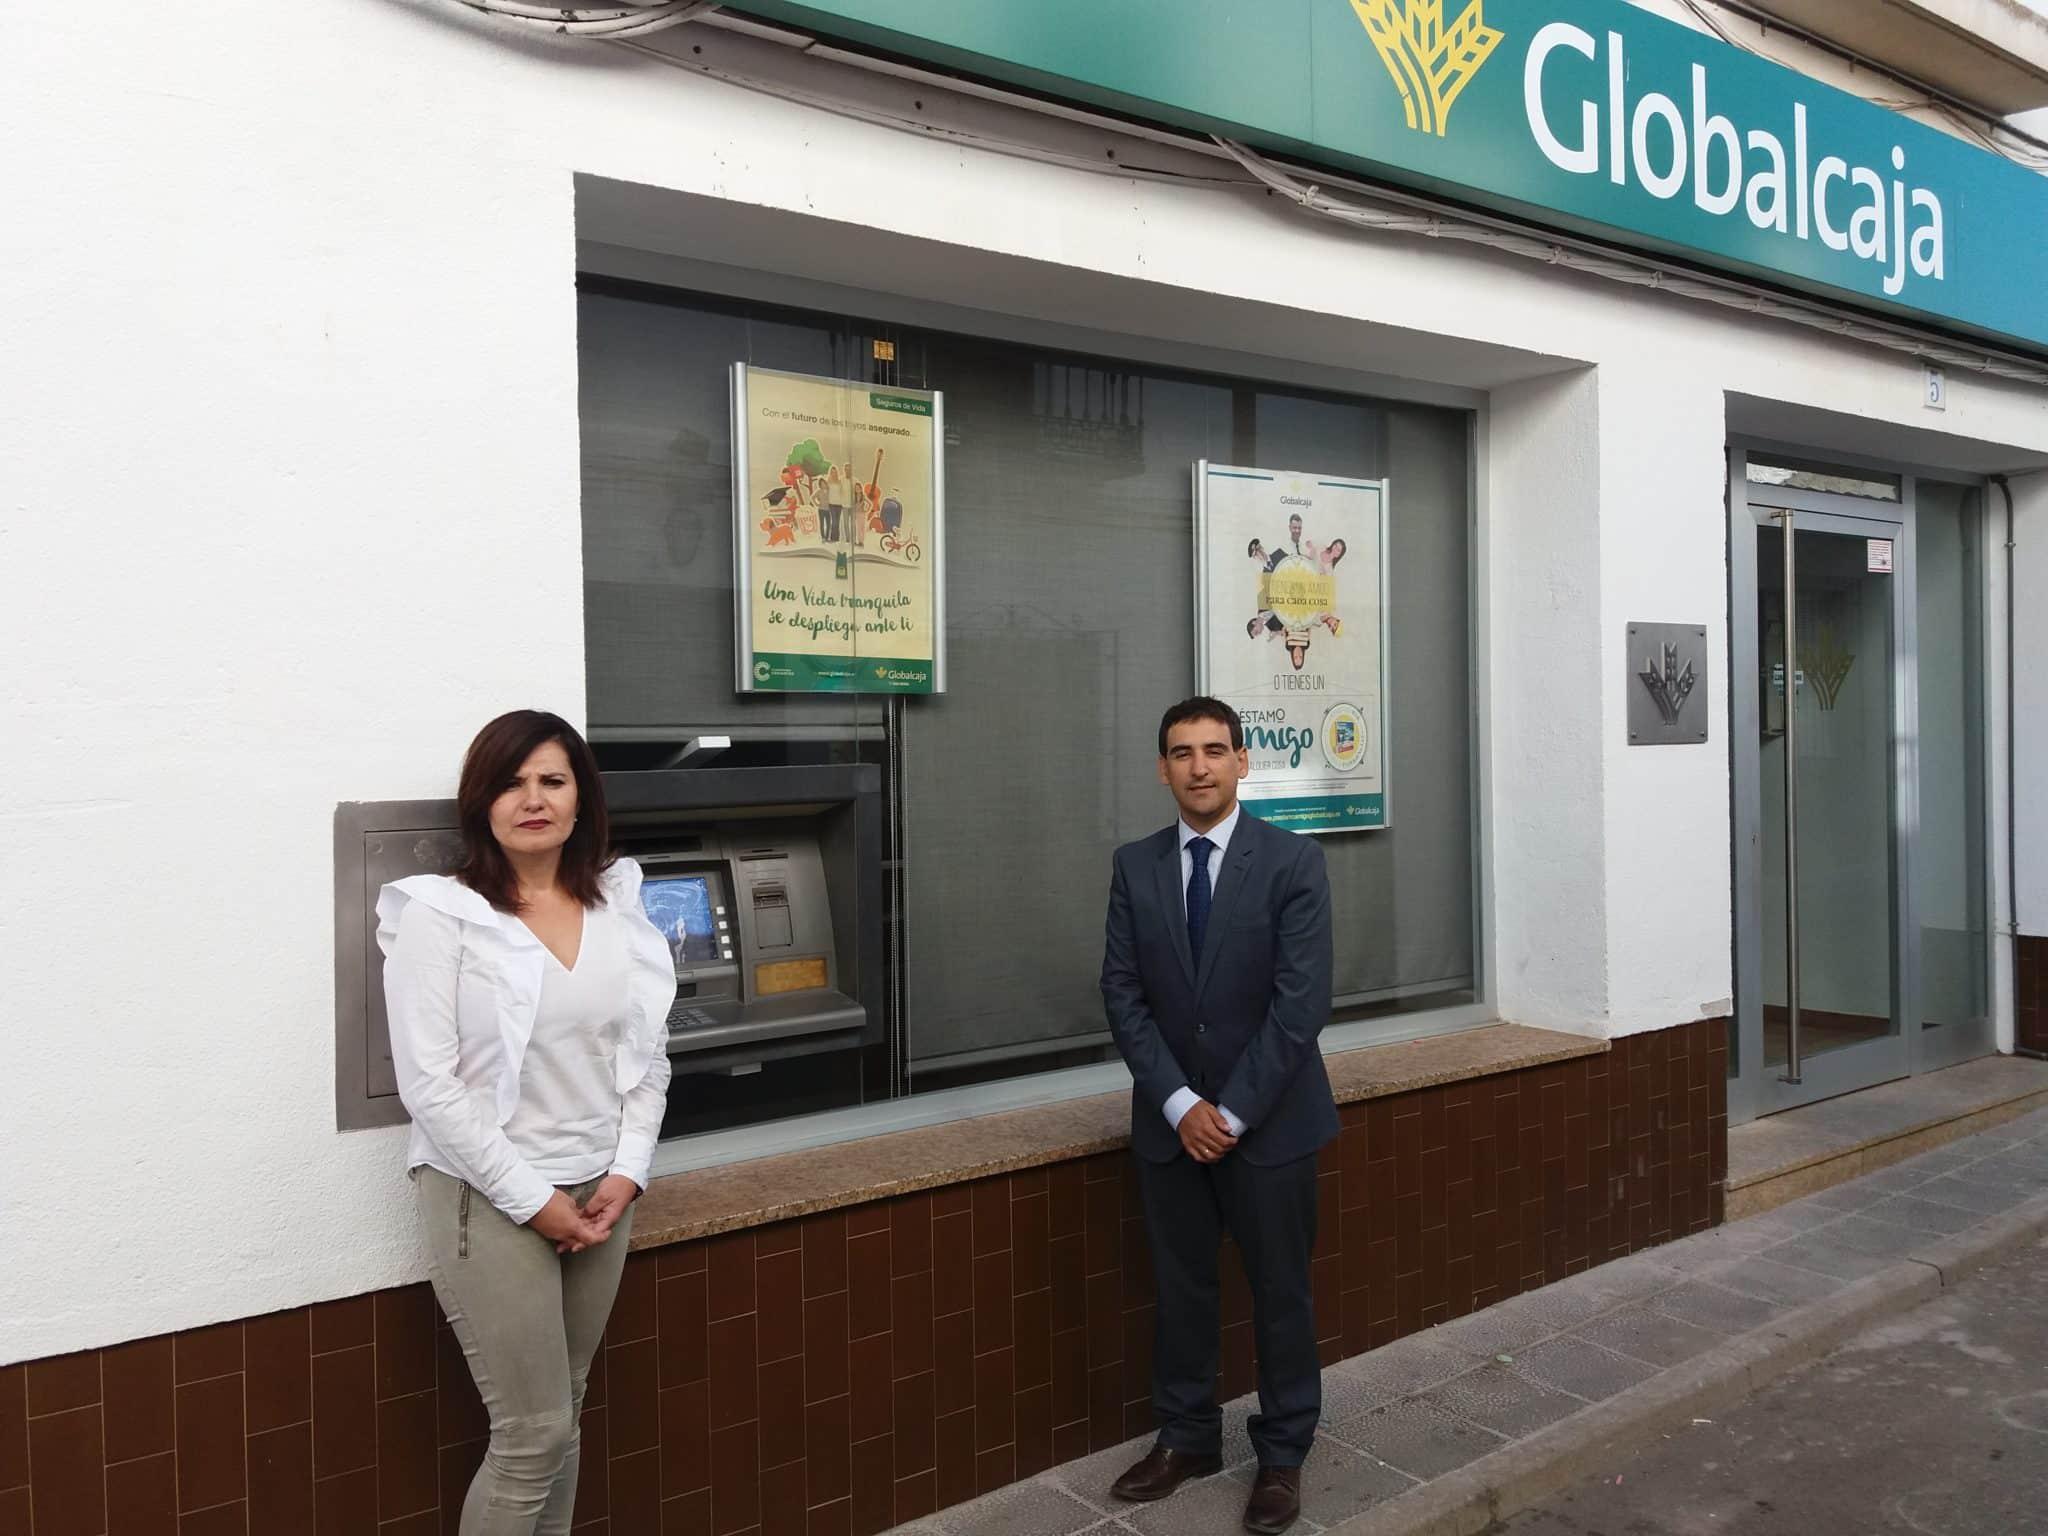 https://blog.globalcaja.es/wp-content/uploads/2017/12/Nuevo-cajero-de-Globalcaja-en-Valenzuela-de-Calatrava-1-1.jpg